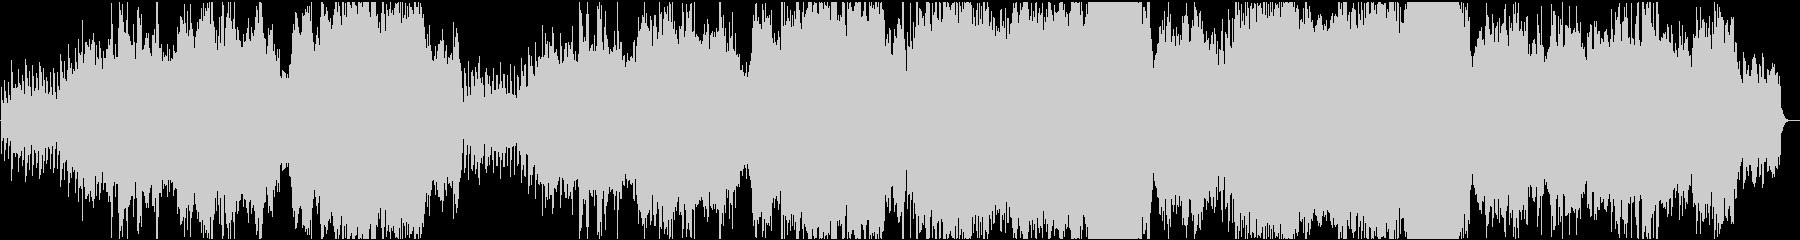 ラフマニノフのヴォカリーズの未再生の波形